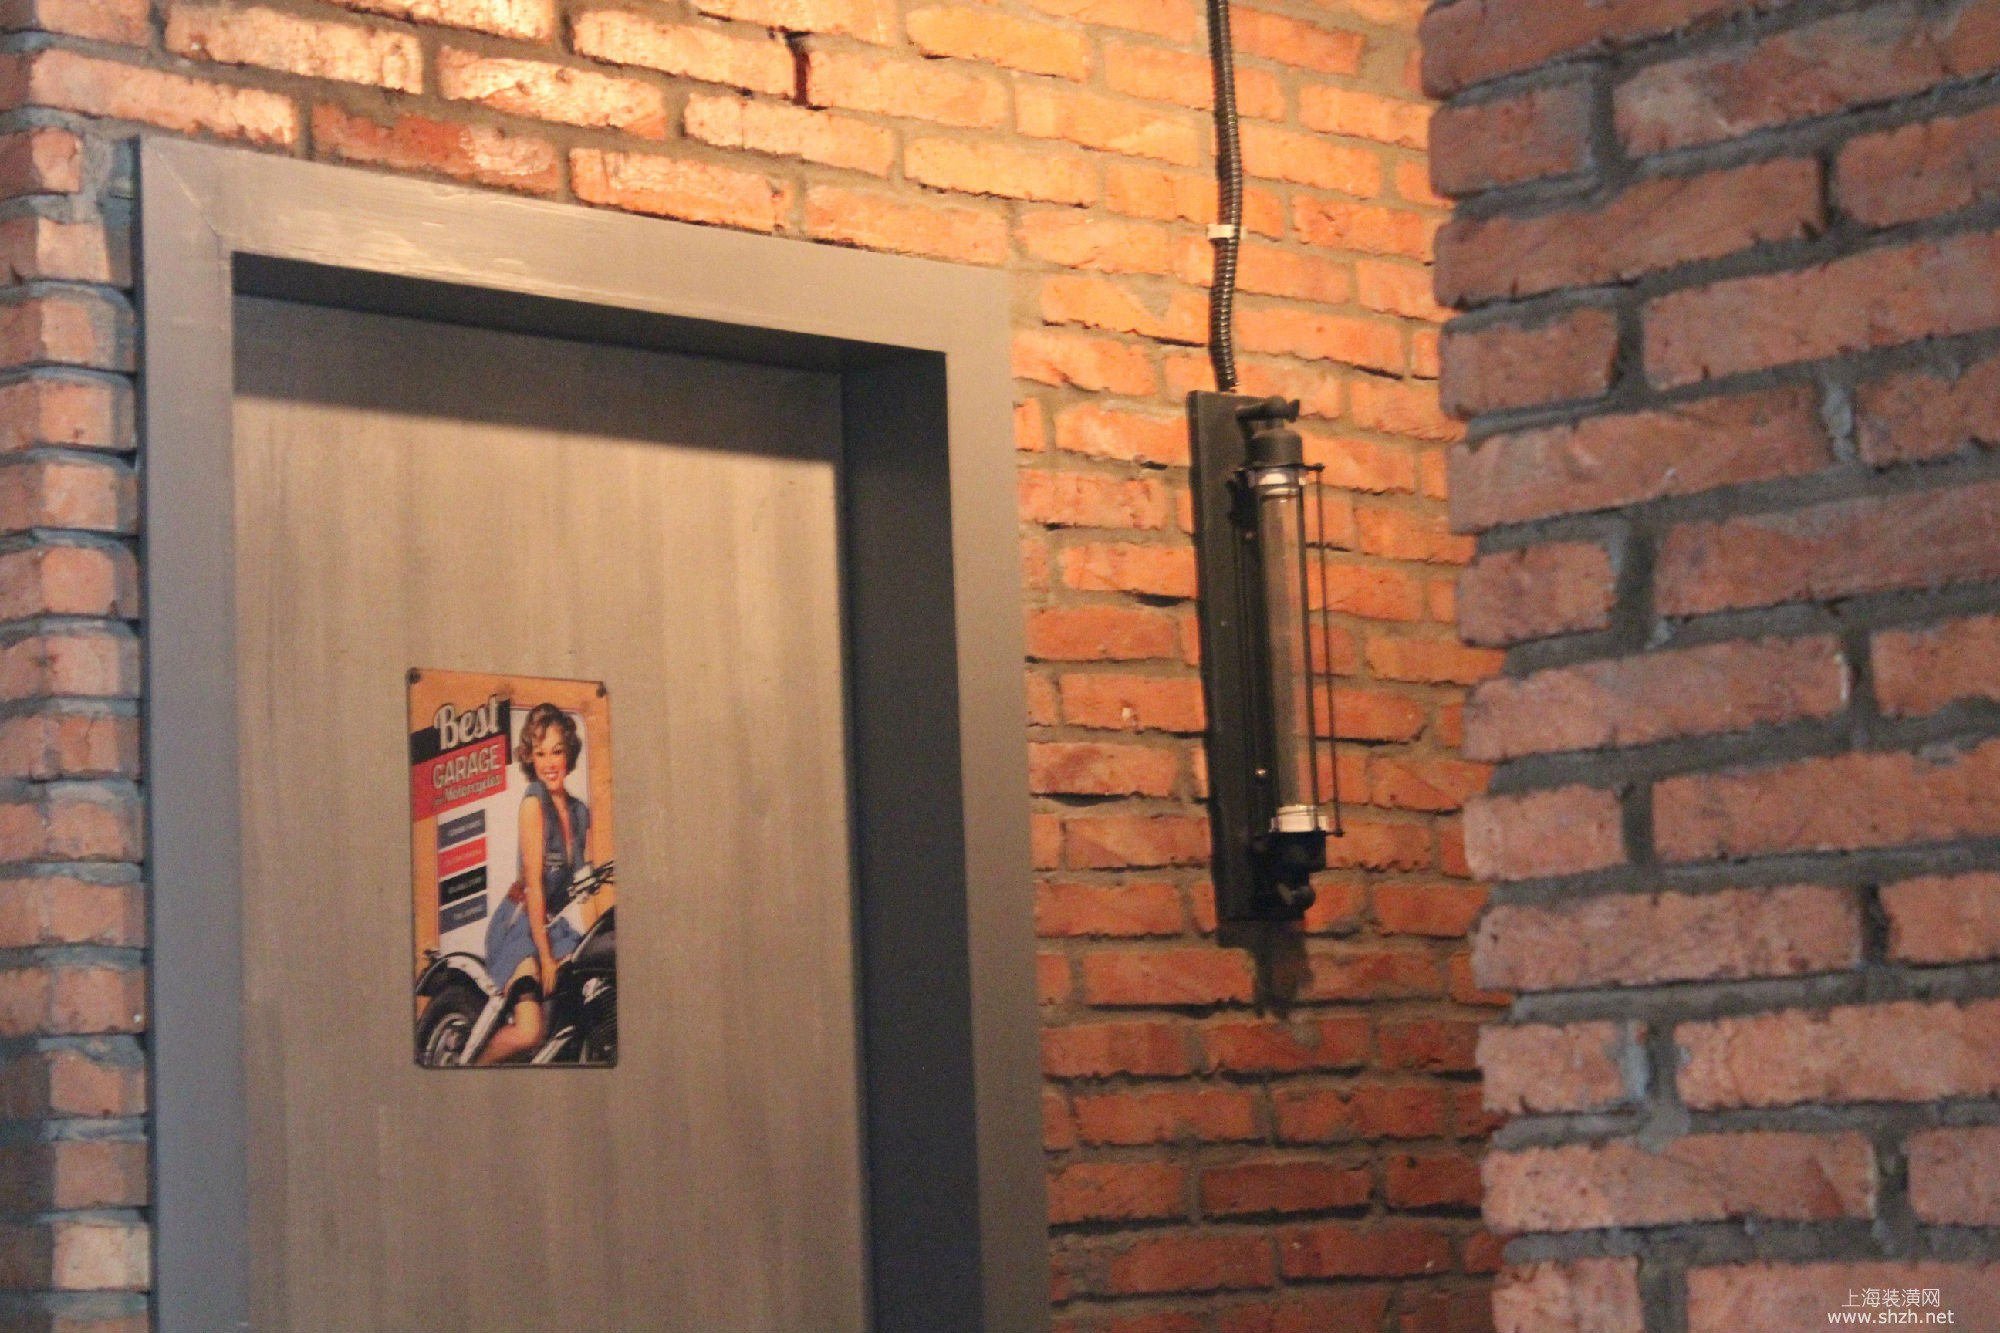 loft阁楼装修风格小店 把店装成家的感觉